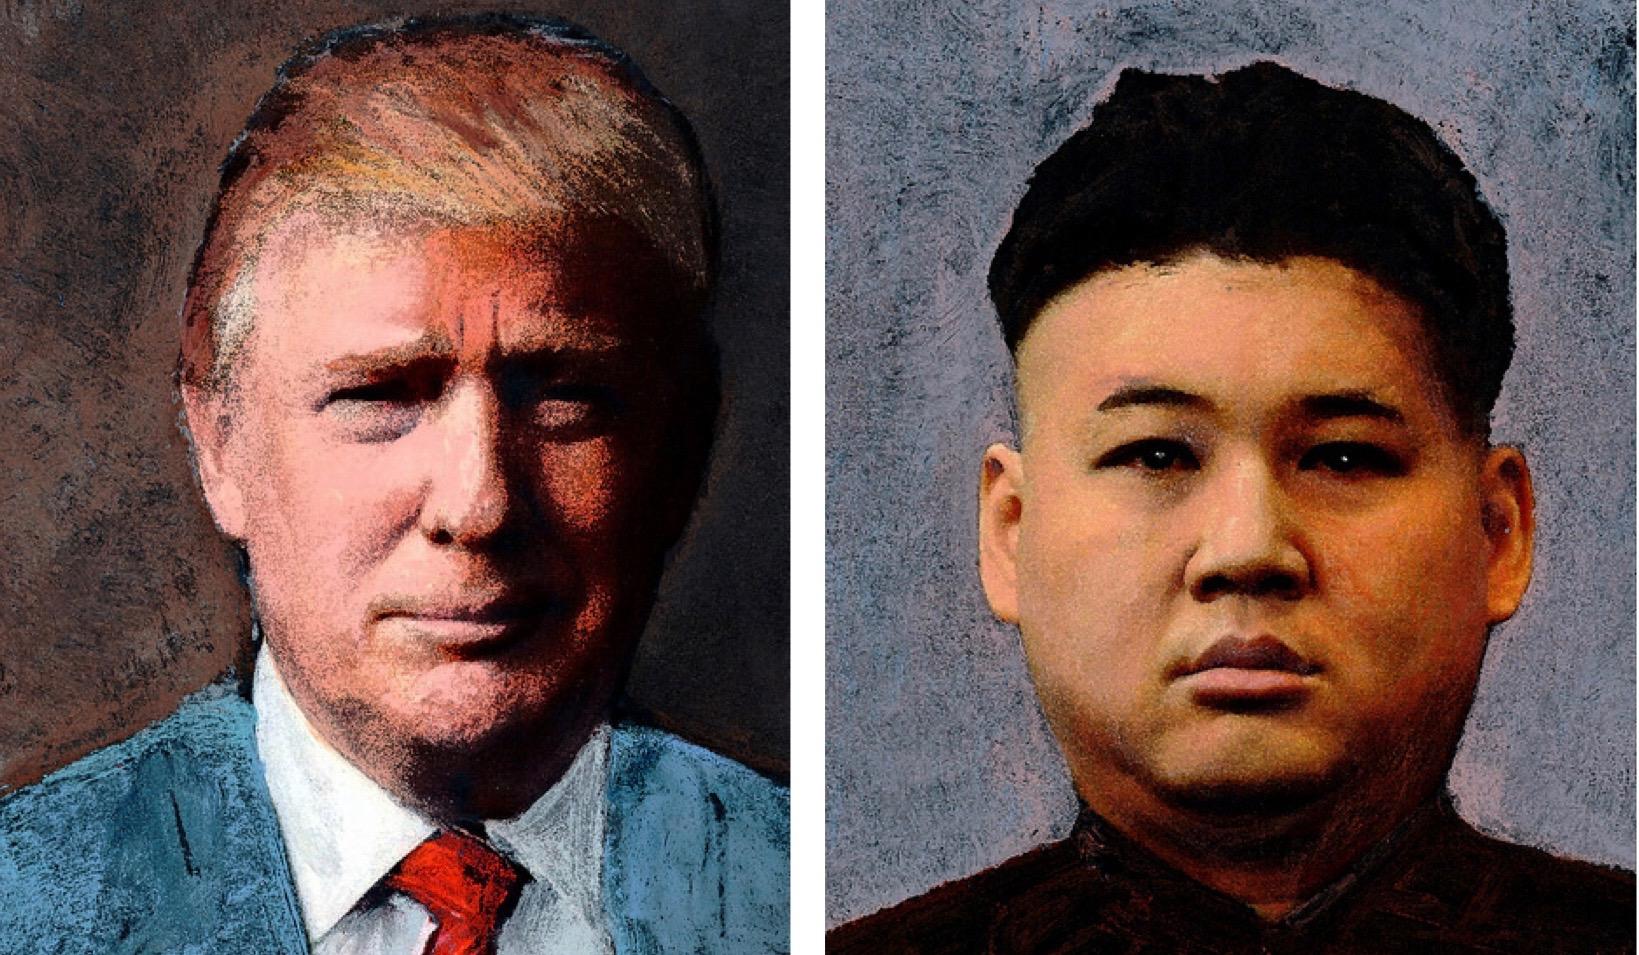 trump,wereldleiders,portret,kim,vrede,leven